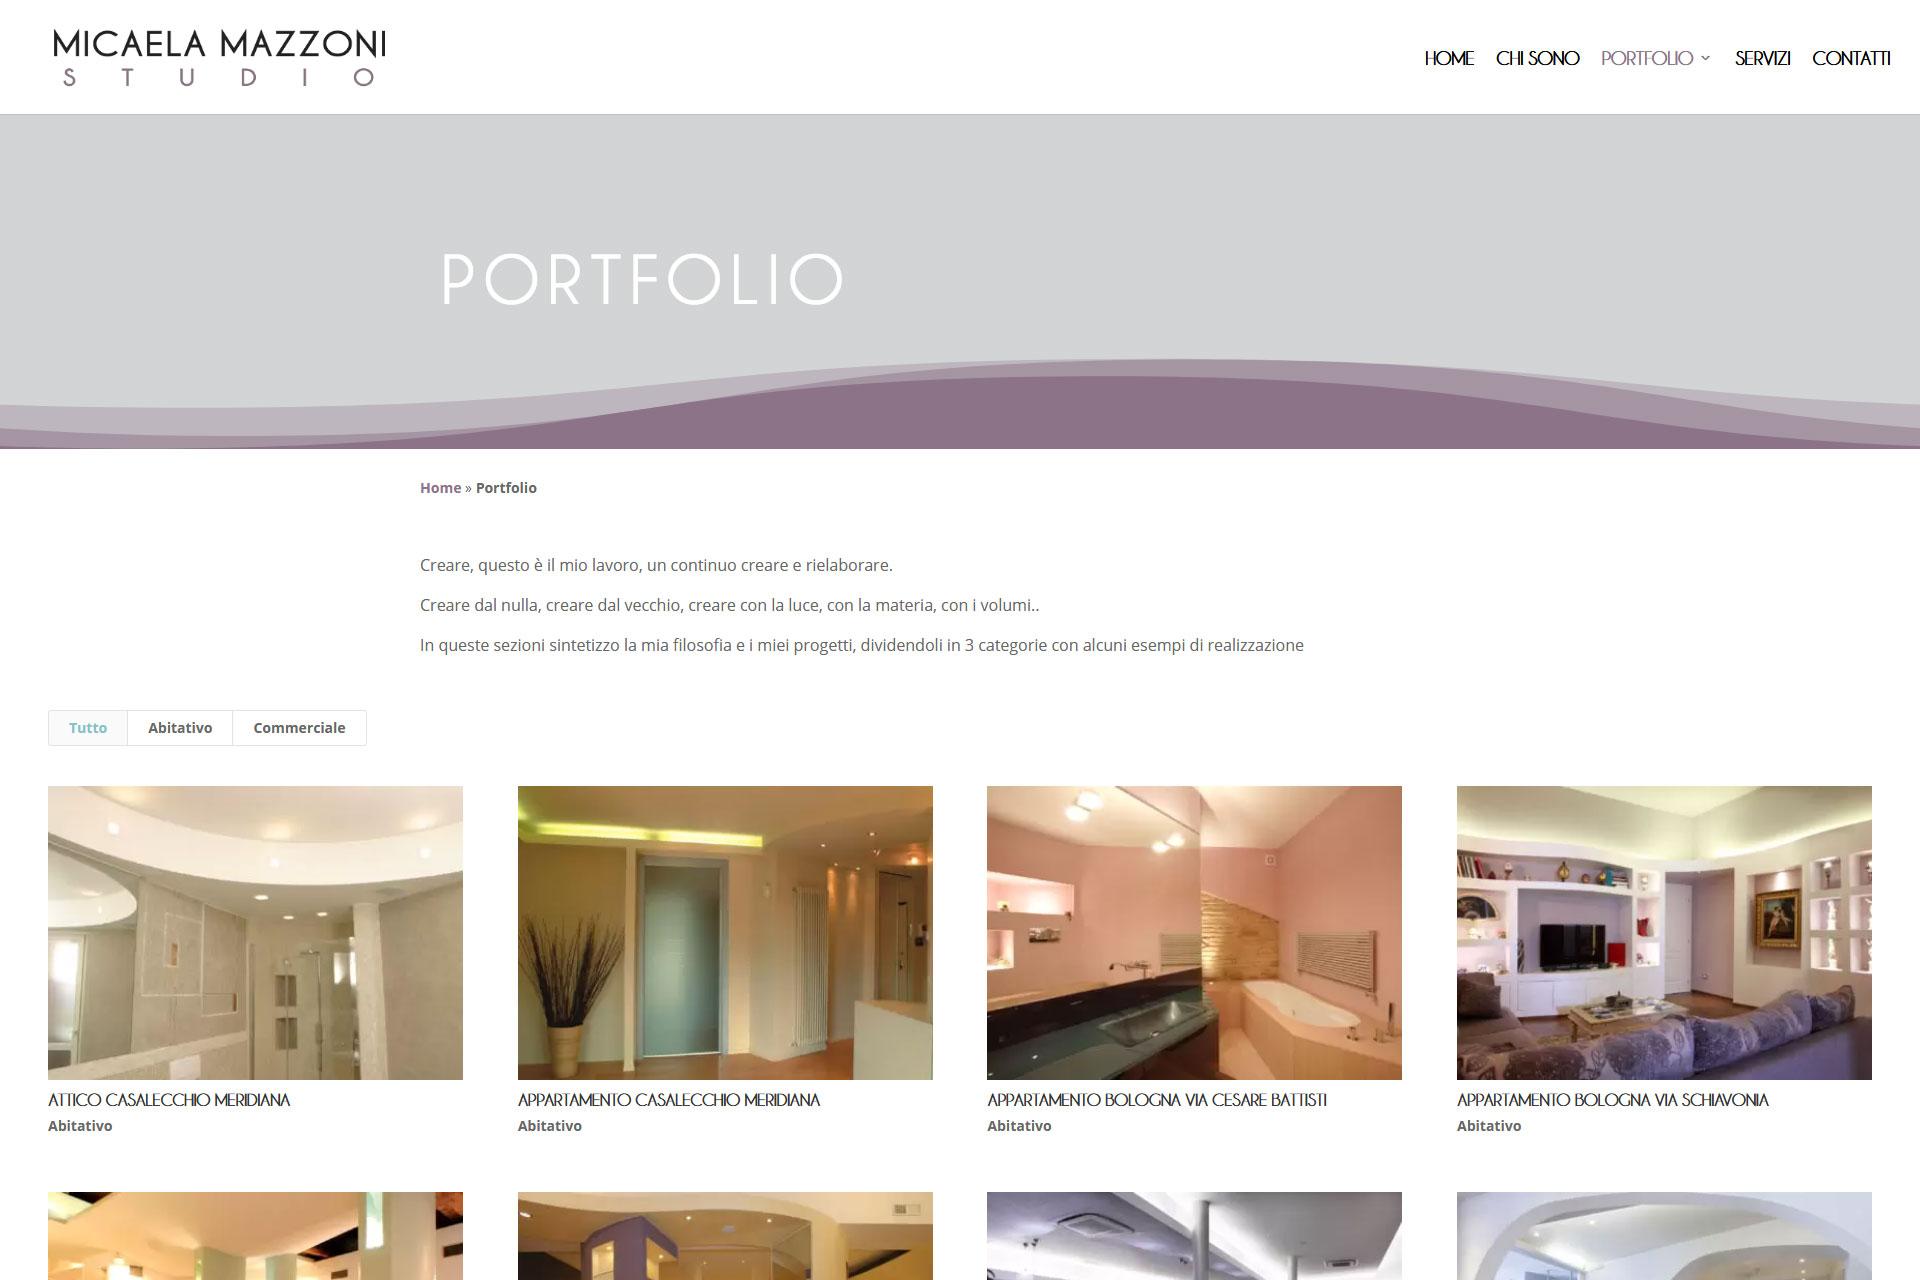 lv-design-realizzazione-siti-web-bologna-portfolio-micaela-mazzoni-studio-slide-2